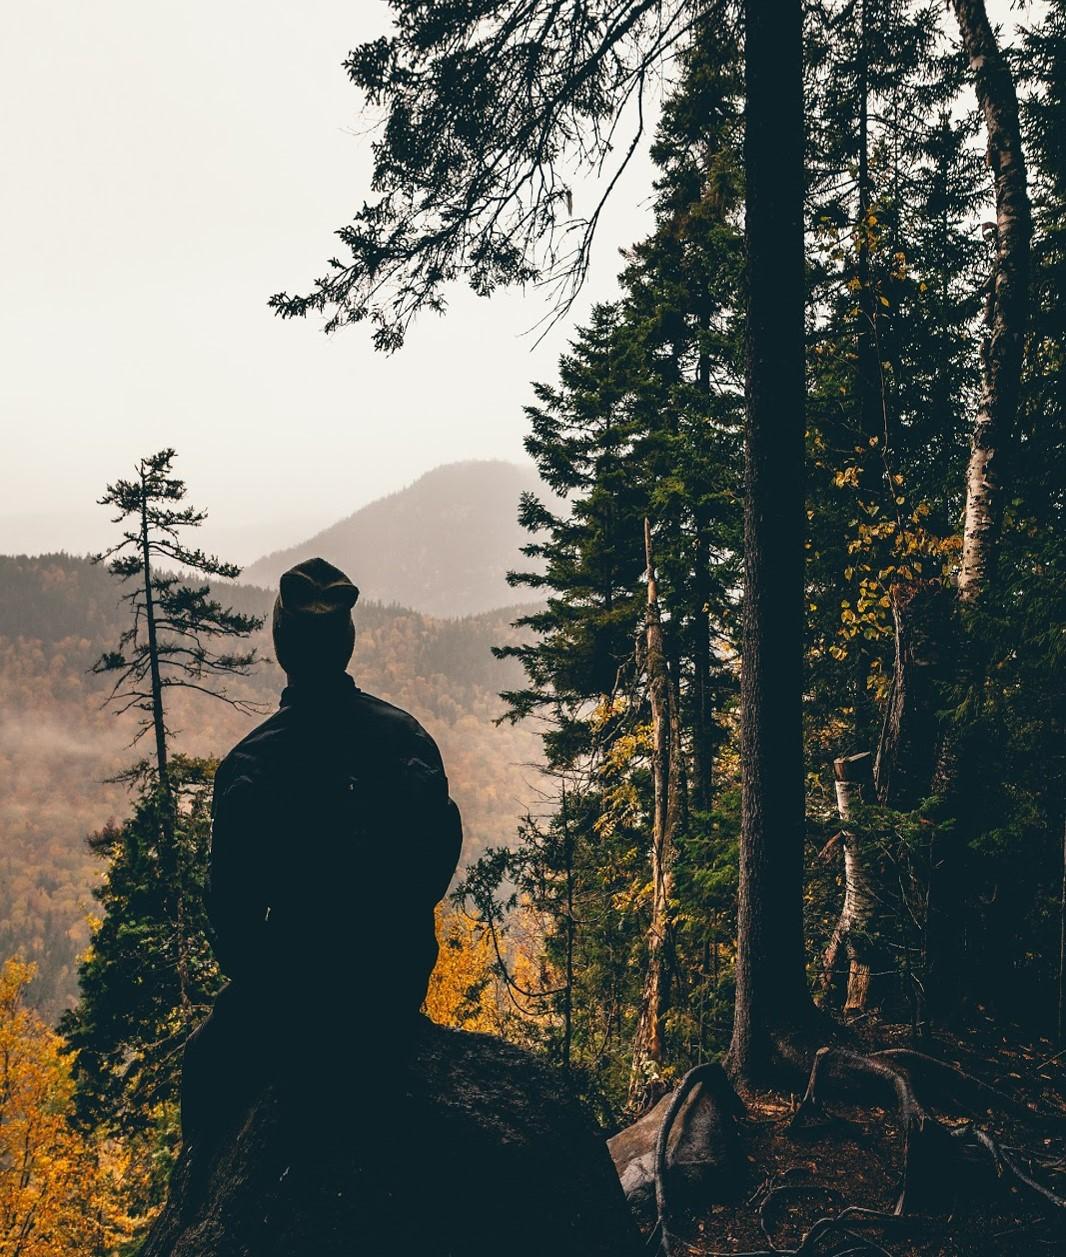 Pessoa descansando em uma paisagem natural -  Após 1 hora de uso contínuo de eletrônicos: Pare e olhe para longe e para os lados. (Fonte: Unsplash)